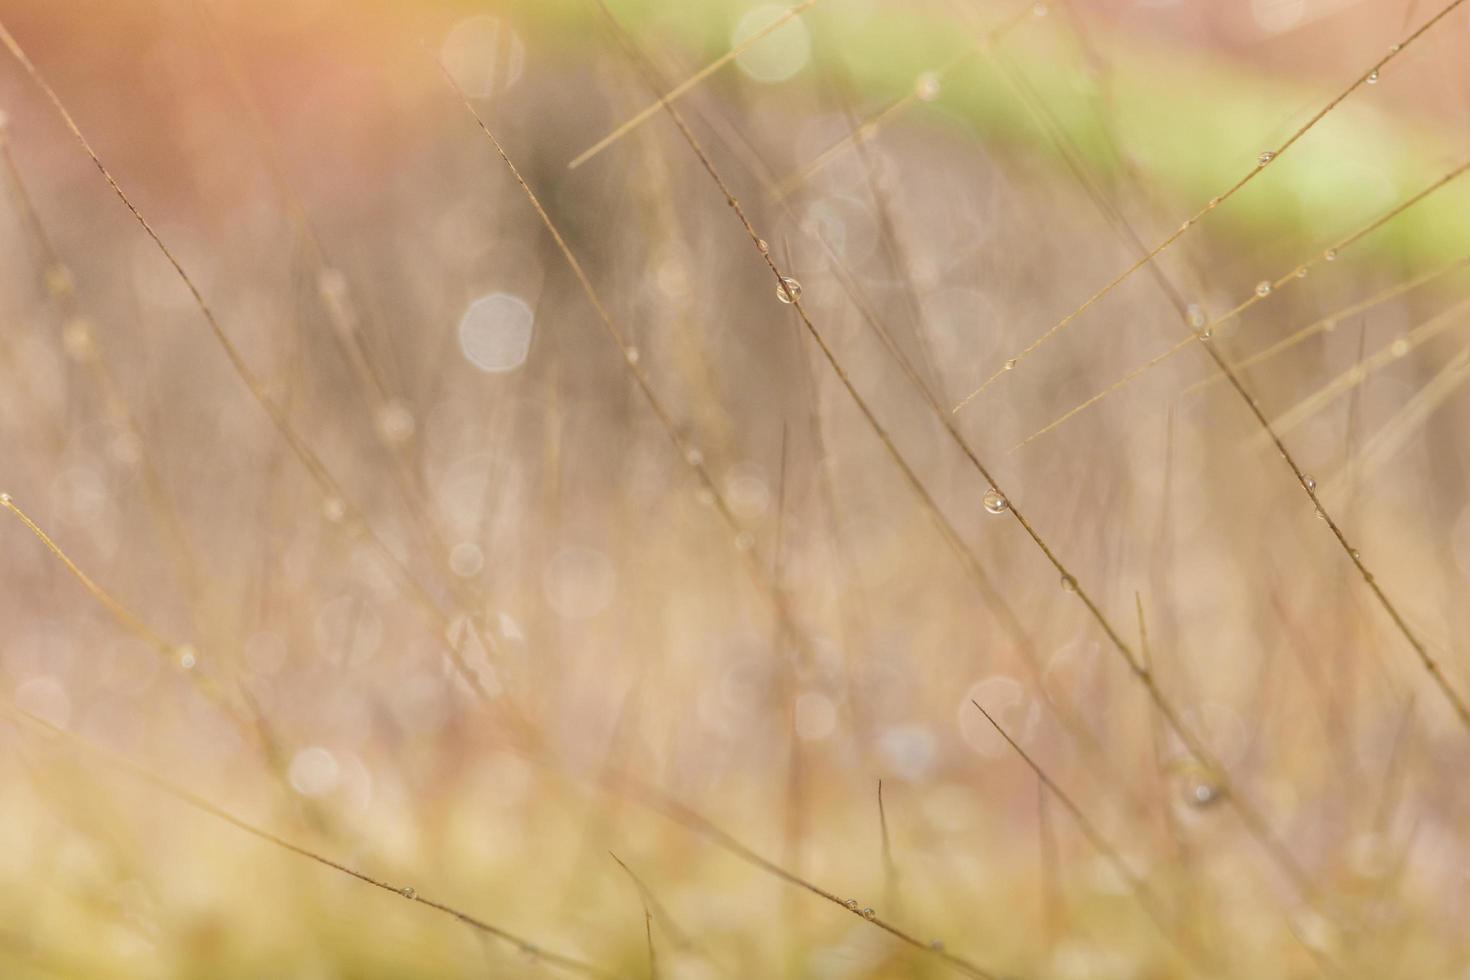 Gotas de agua sobre flores silvestres, fondo borroso foto